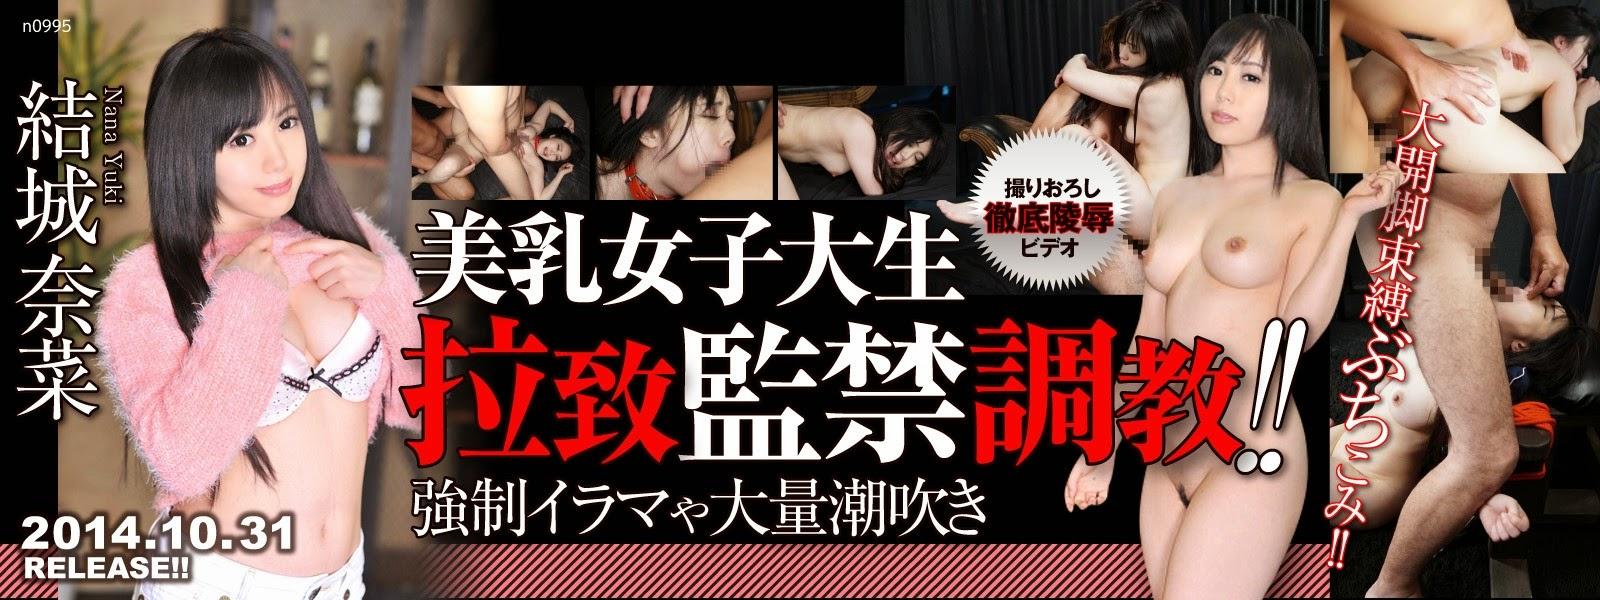 東京熱 Tokyo Hot n0995 女子大生拉致監禁調教 結城奈菜 Nana Yuki[HD 無碼]